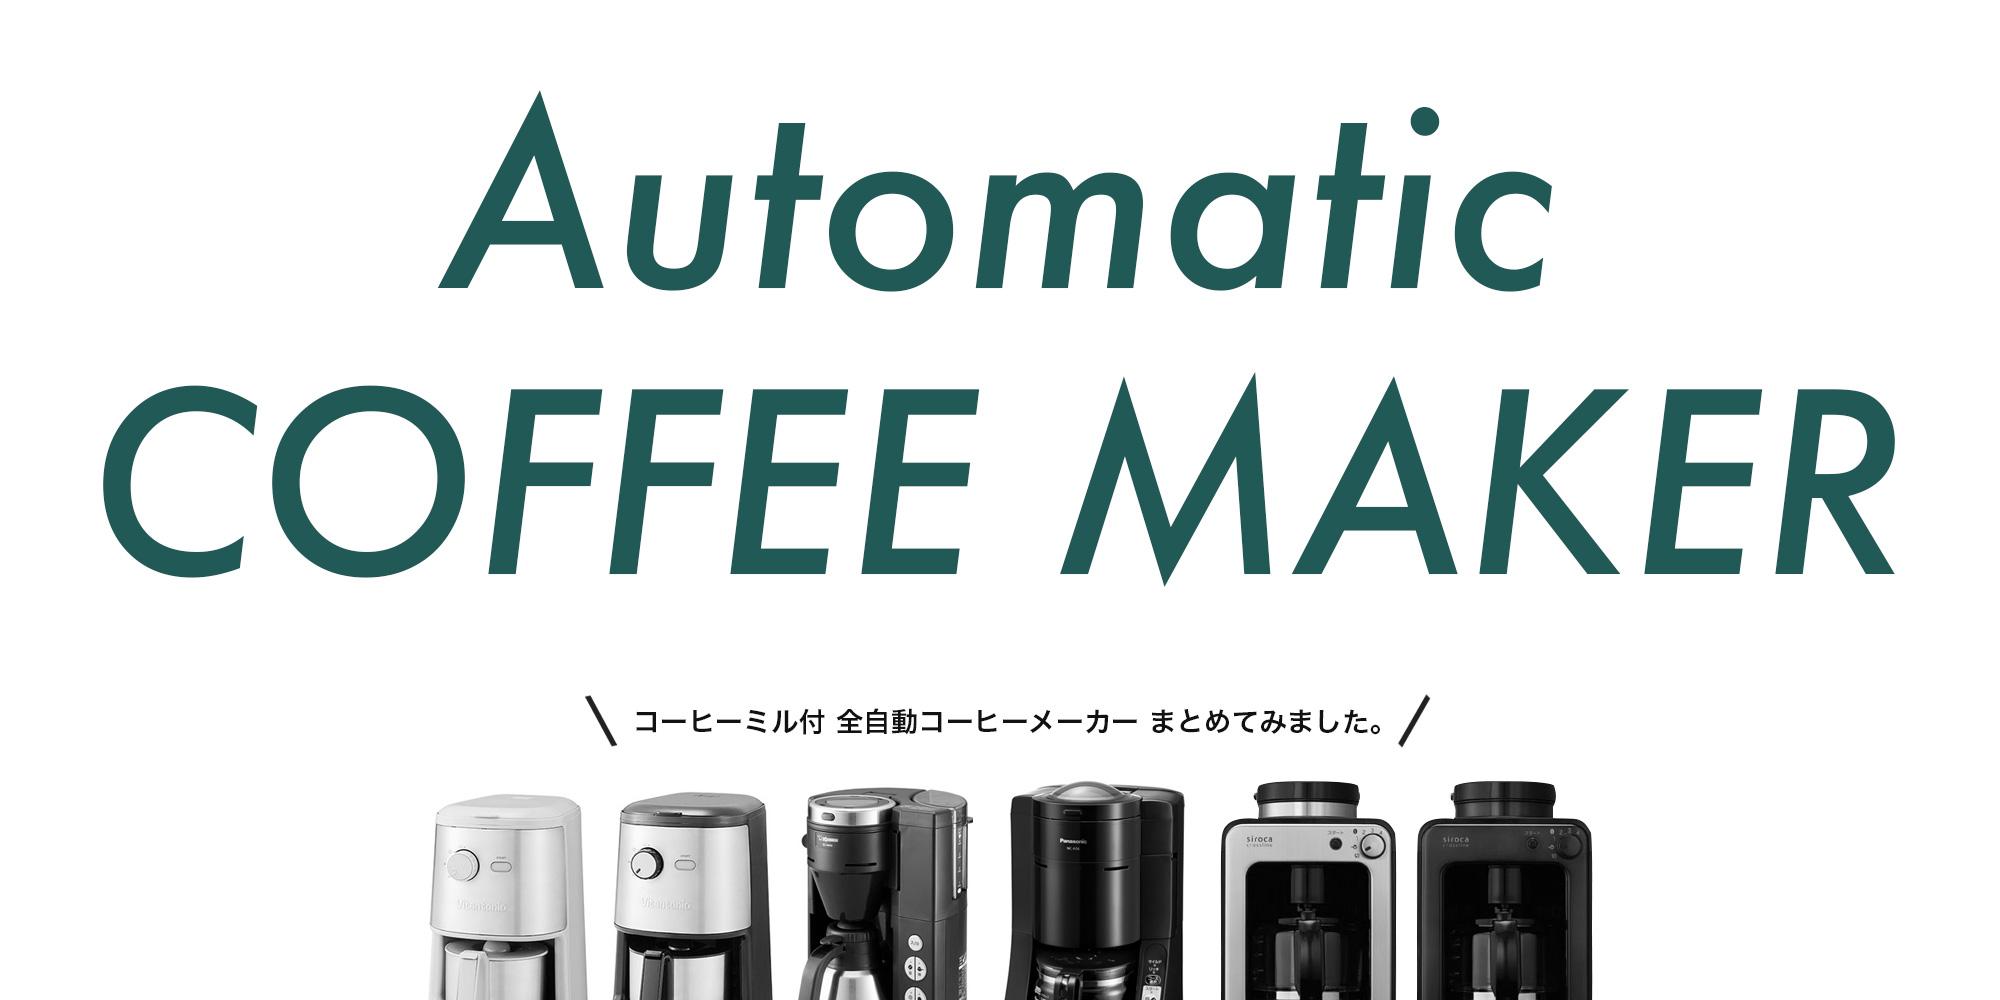 全自動コーヒーメーカーまとめ